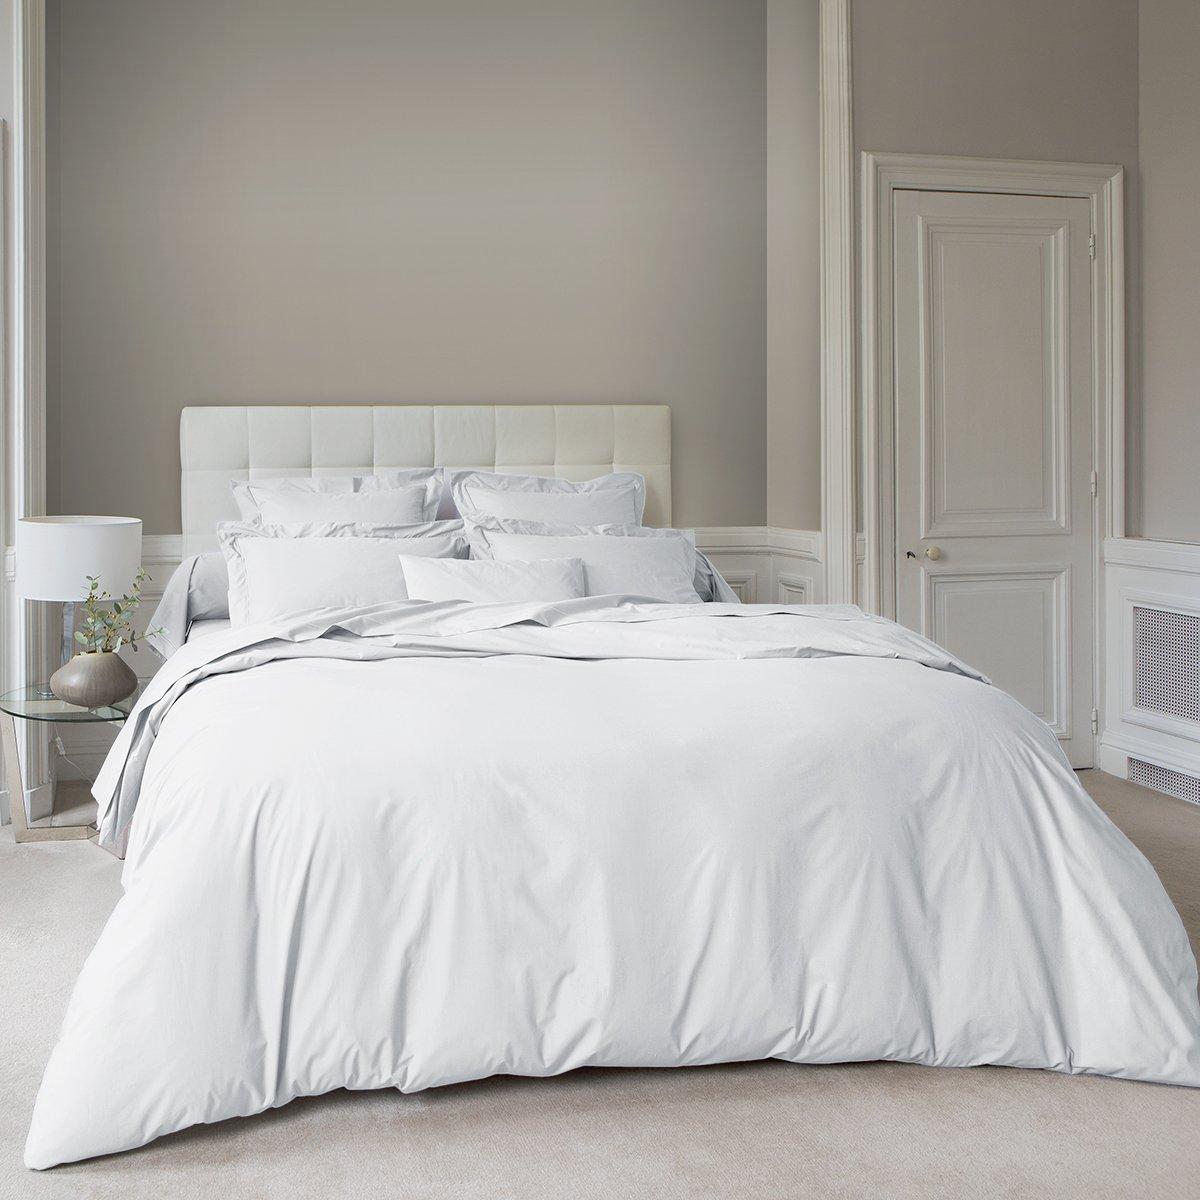 Housse de couette coton 200x200 cm blanc